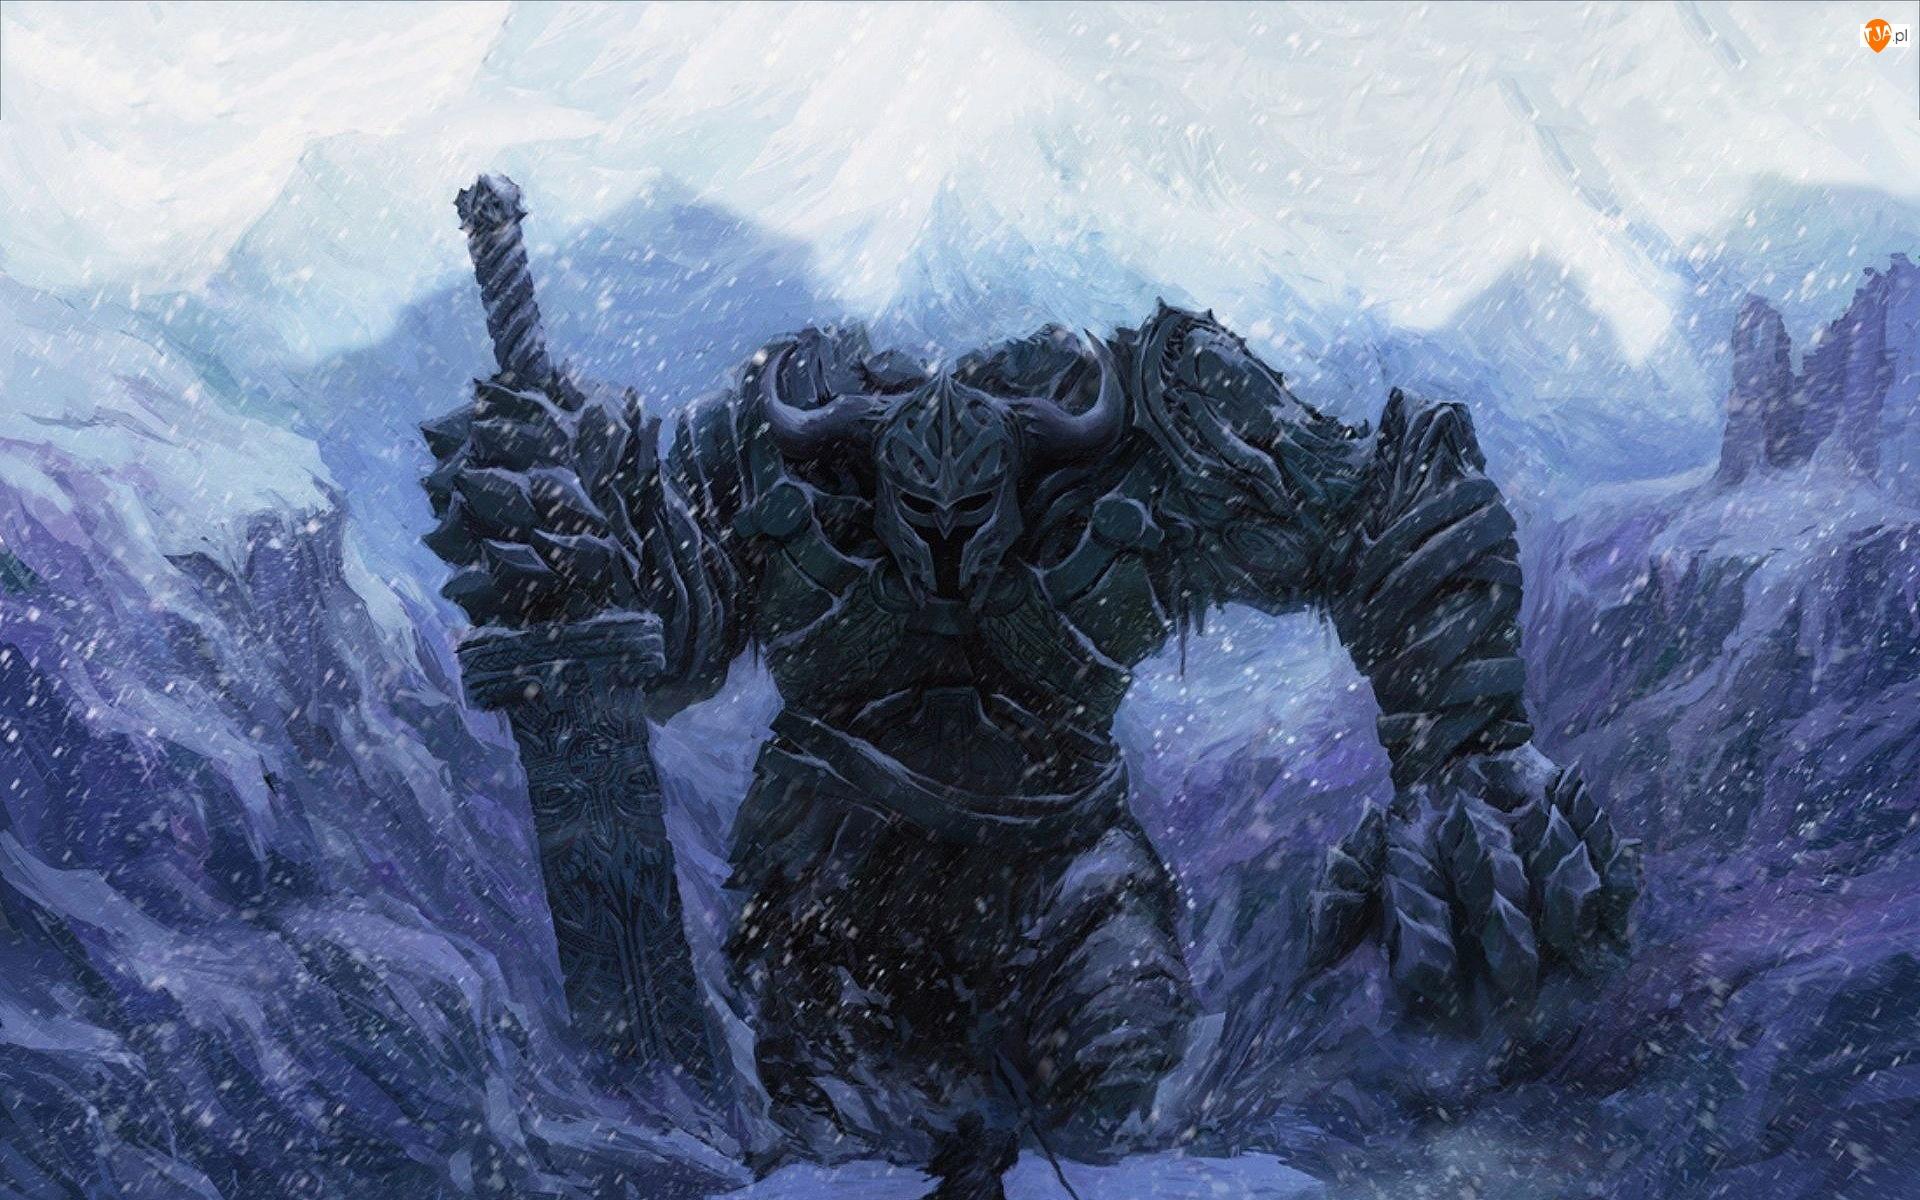 Śnieżyca, Miecz, Góry, Olbrzym